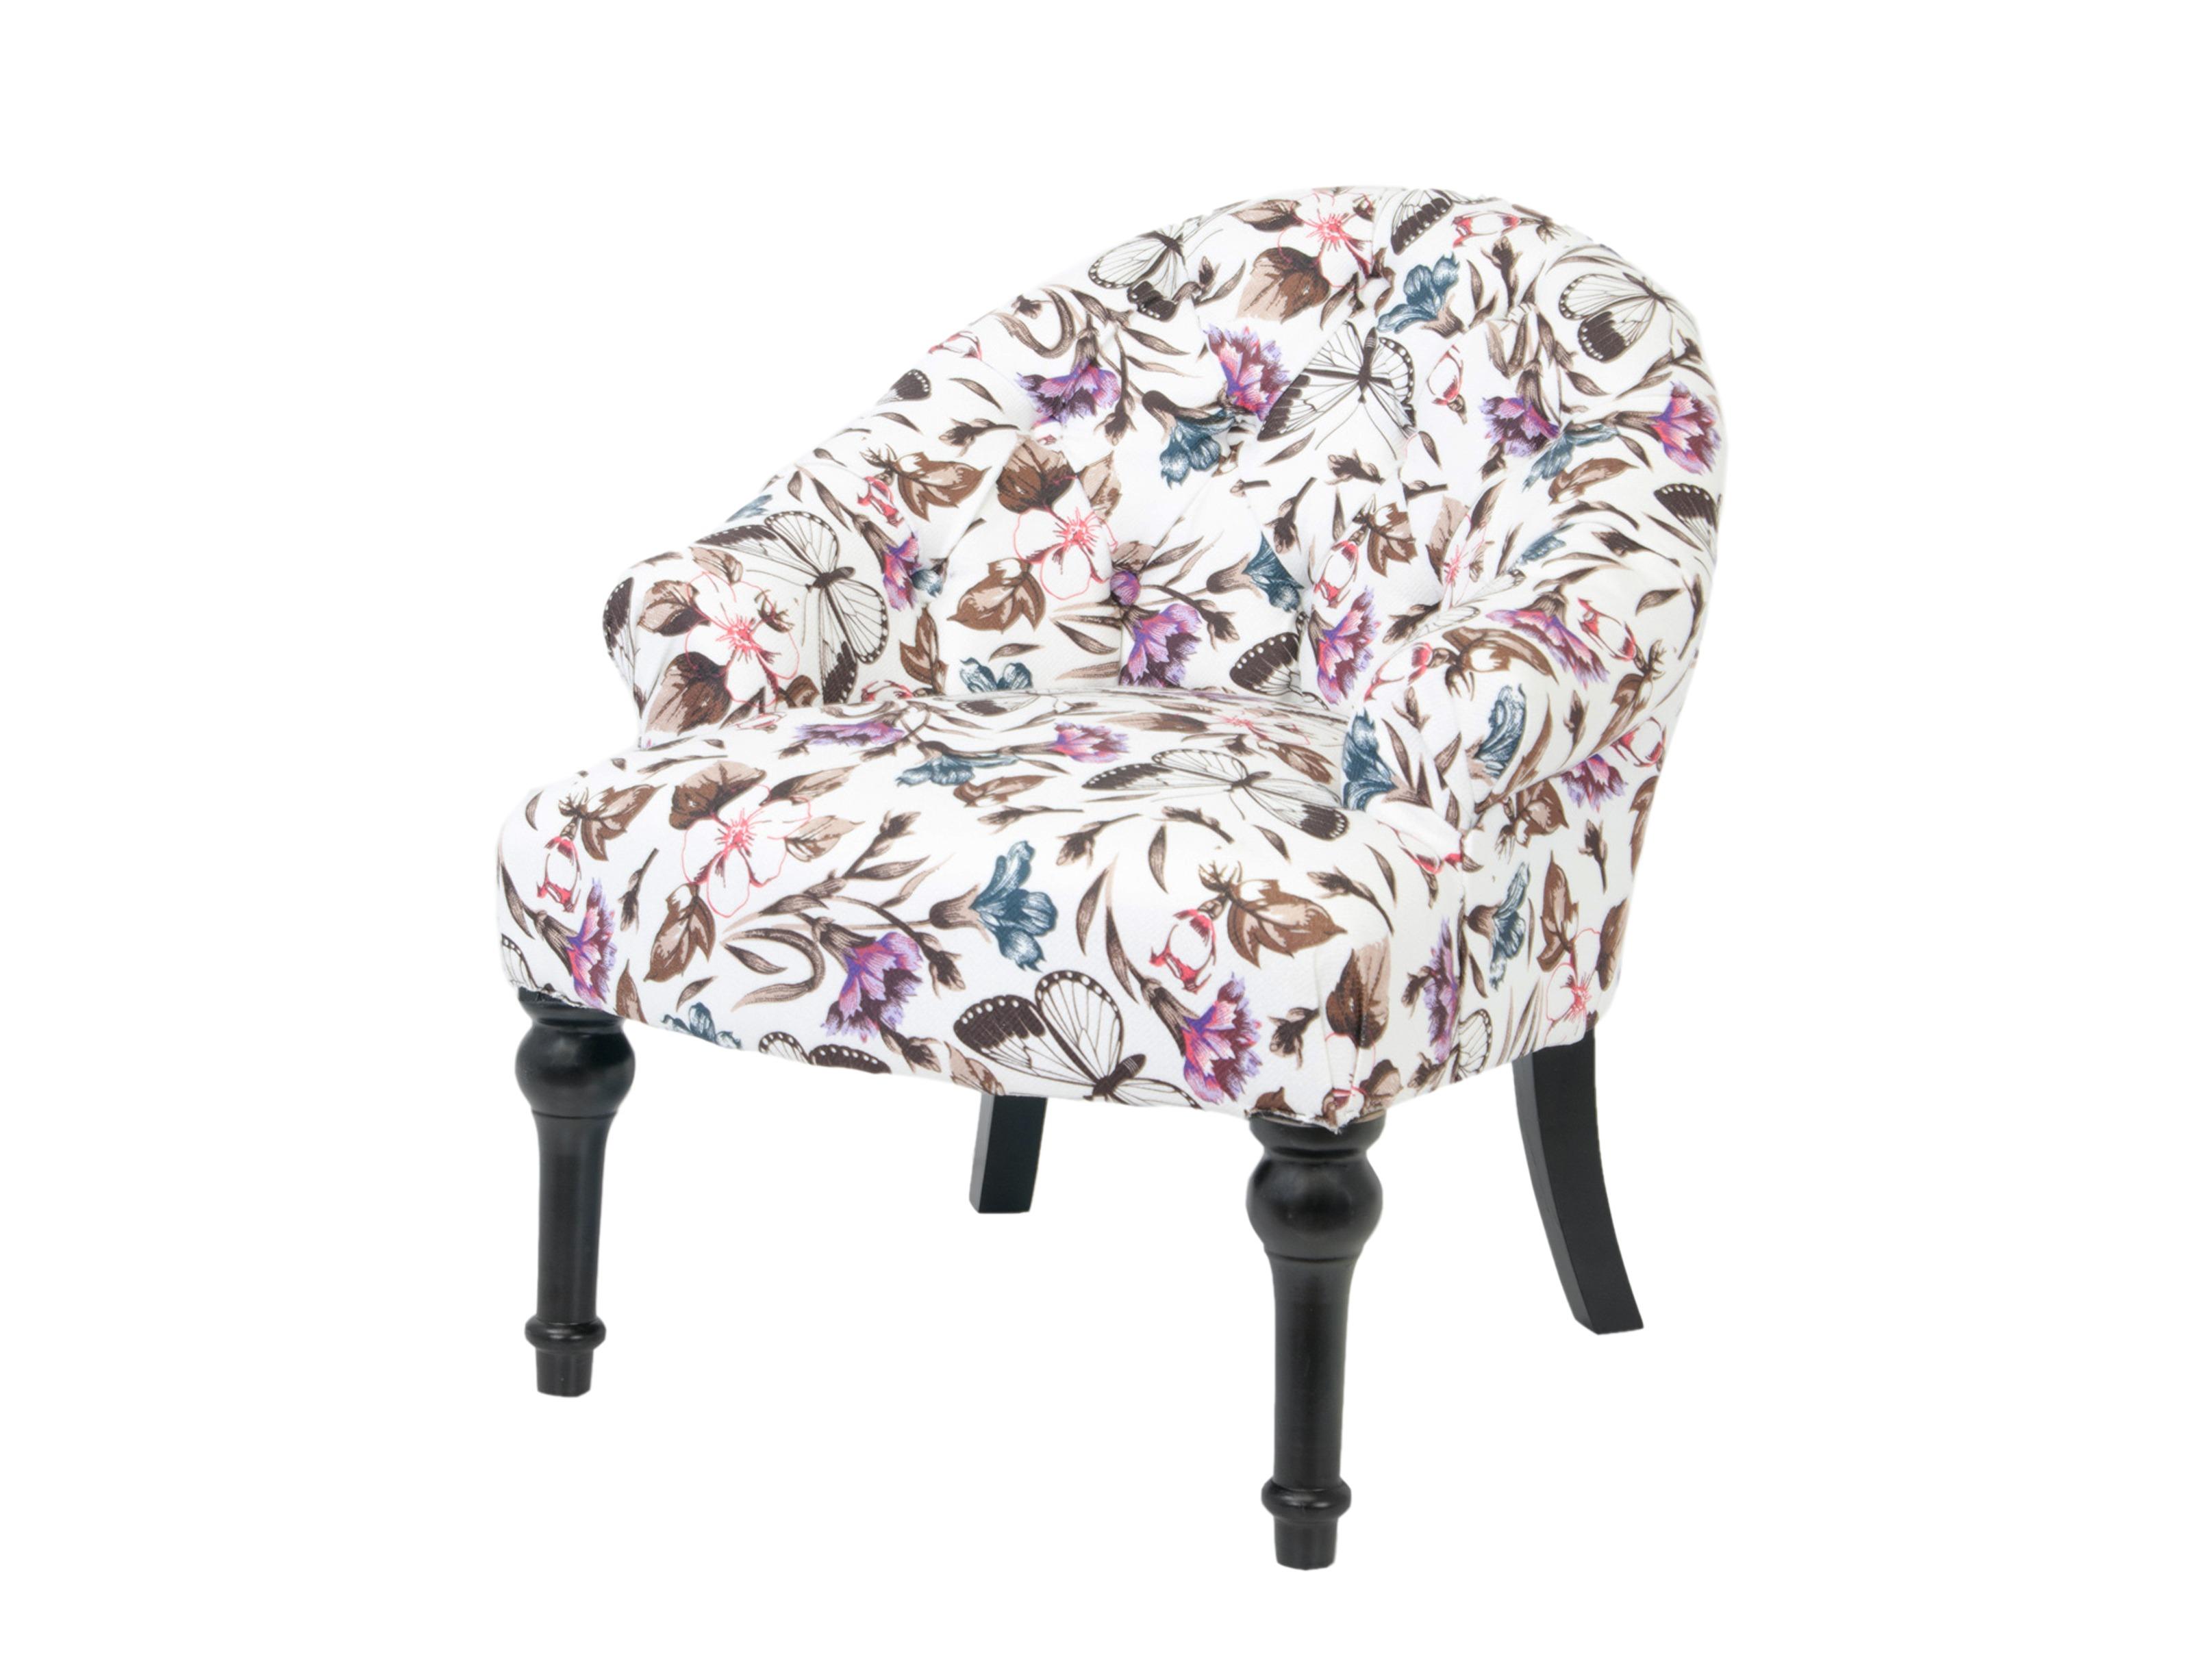 КреслоИнтерьерные кресла<br>Это классическое кресло придаст Вашему дому уютную и теплую атмосферу. Невысокая спинка с декоративной стежкой и компактные подлокотники располагают к комфортному времяпровождению. Деревянные резные ножки кресла Desta делают его безупречный образ законченным. Кресло отлично подойдет как для жилых помещений, так и для кафе и ресторанов.<br><br>Material: Лен<br>Width см: 65<br>Depth см: 66<br>Height см: 76